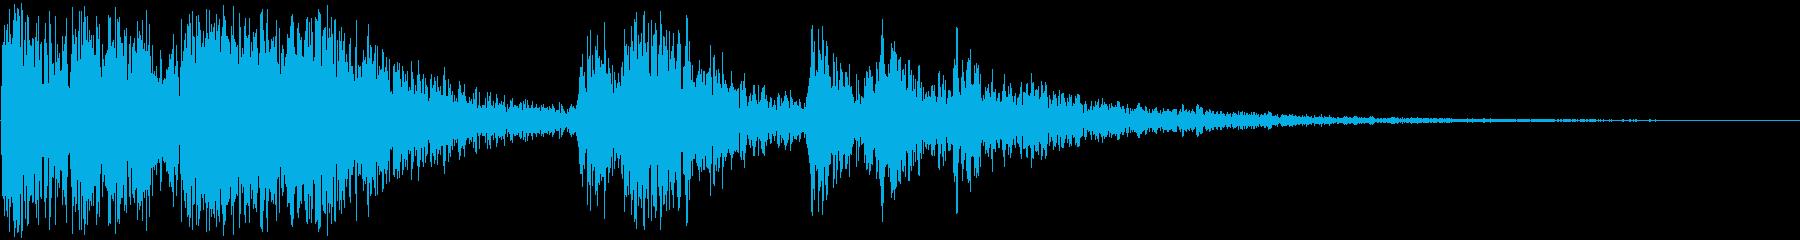 DEBRIS Explosions...の再生済みの波形